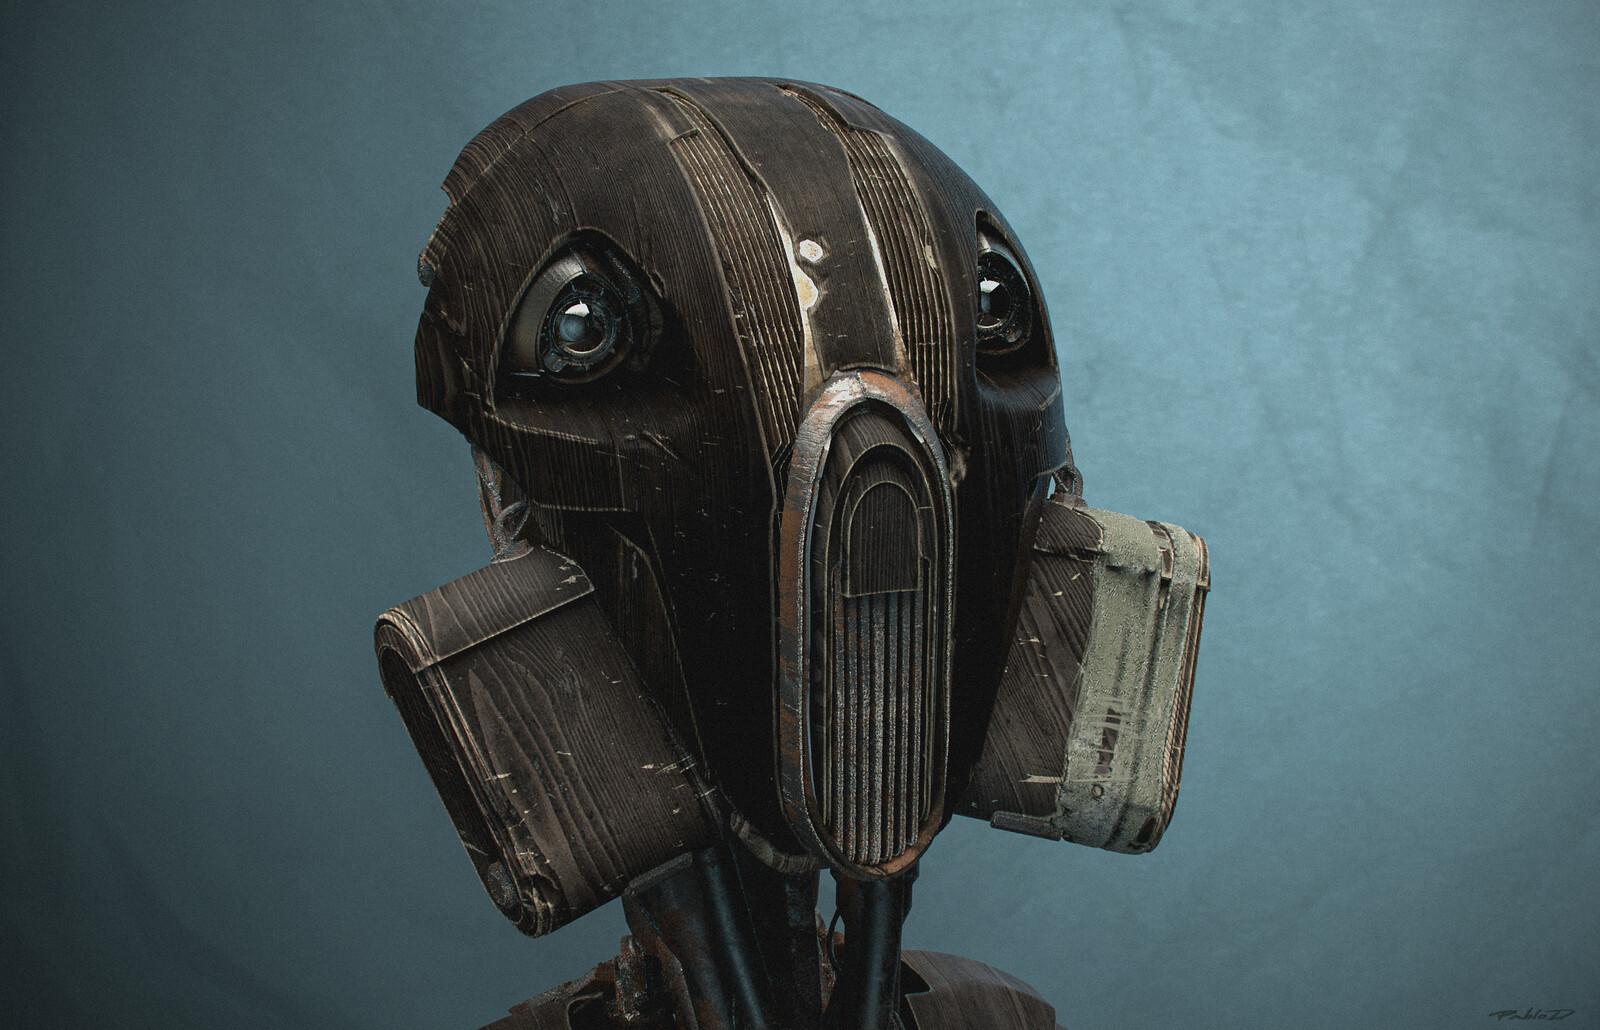 Robotbottot